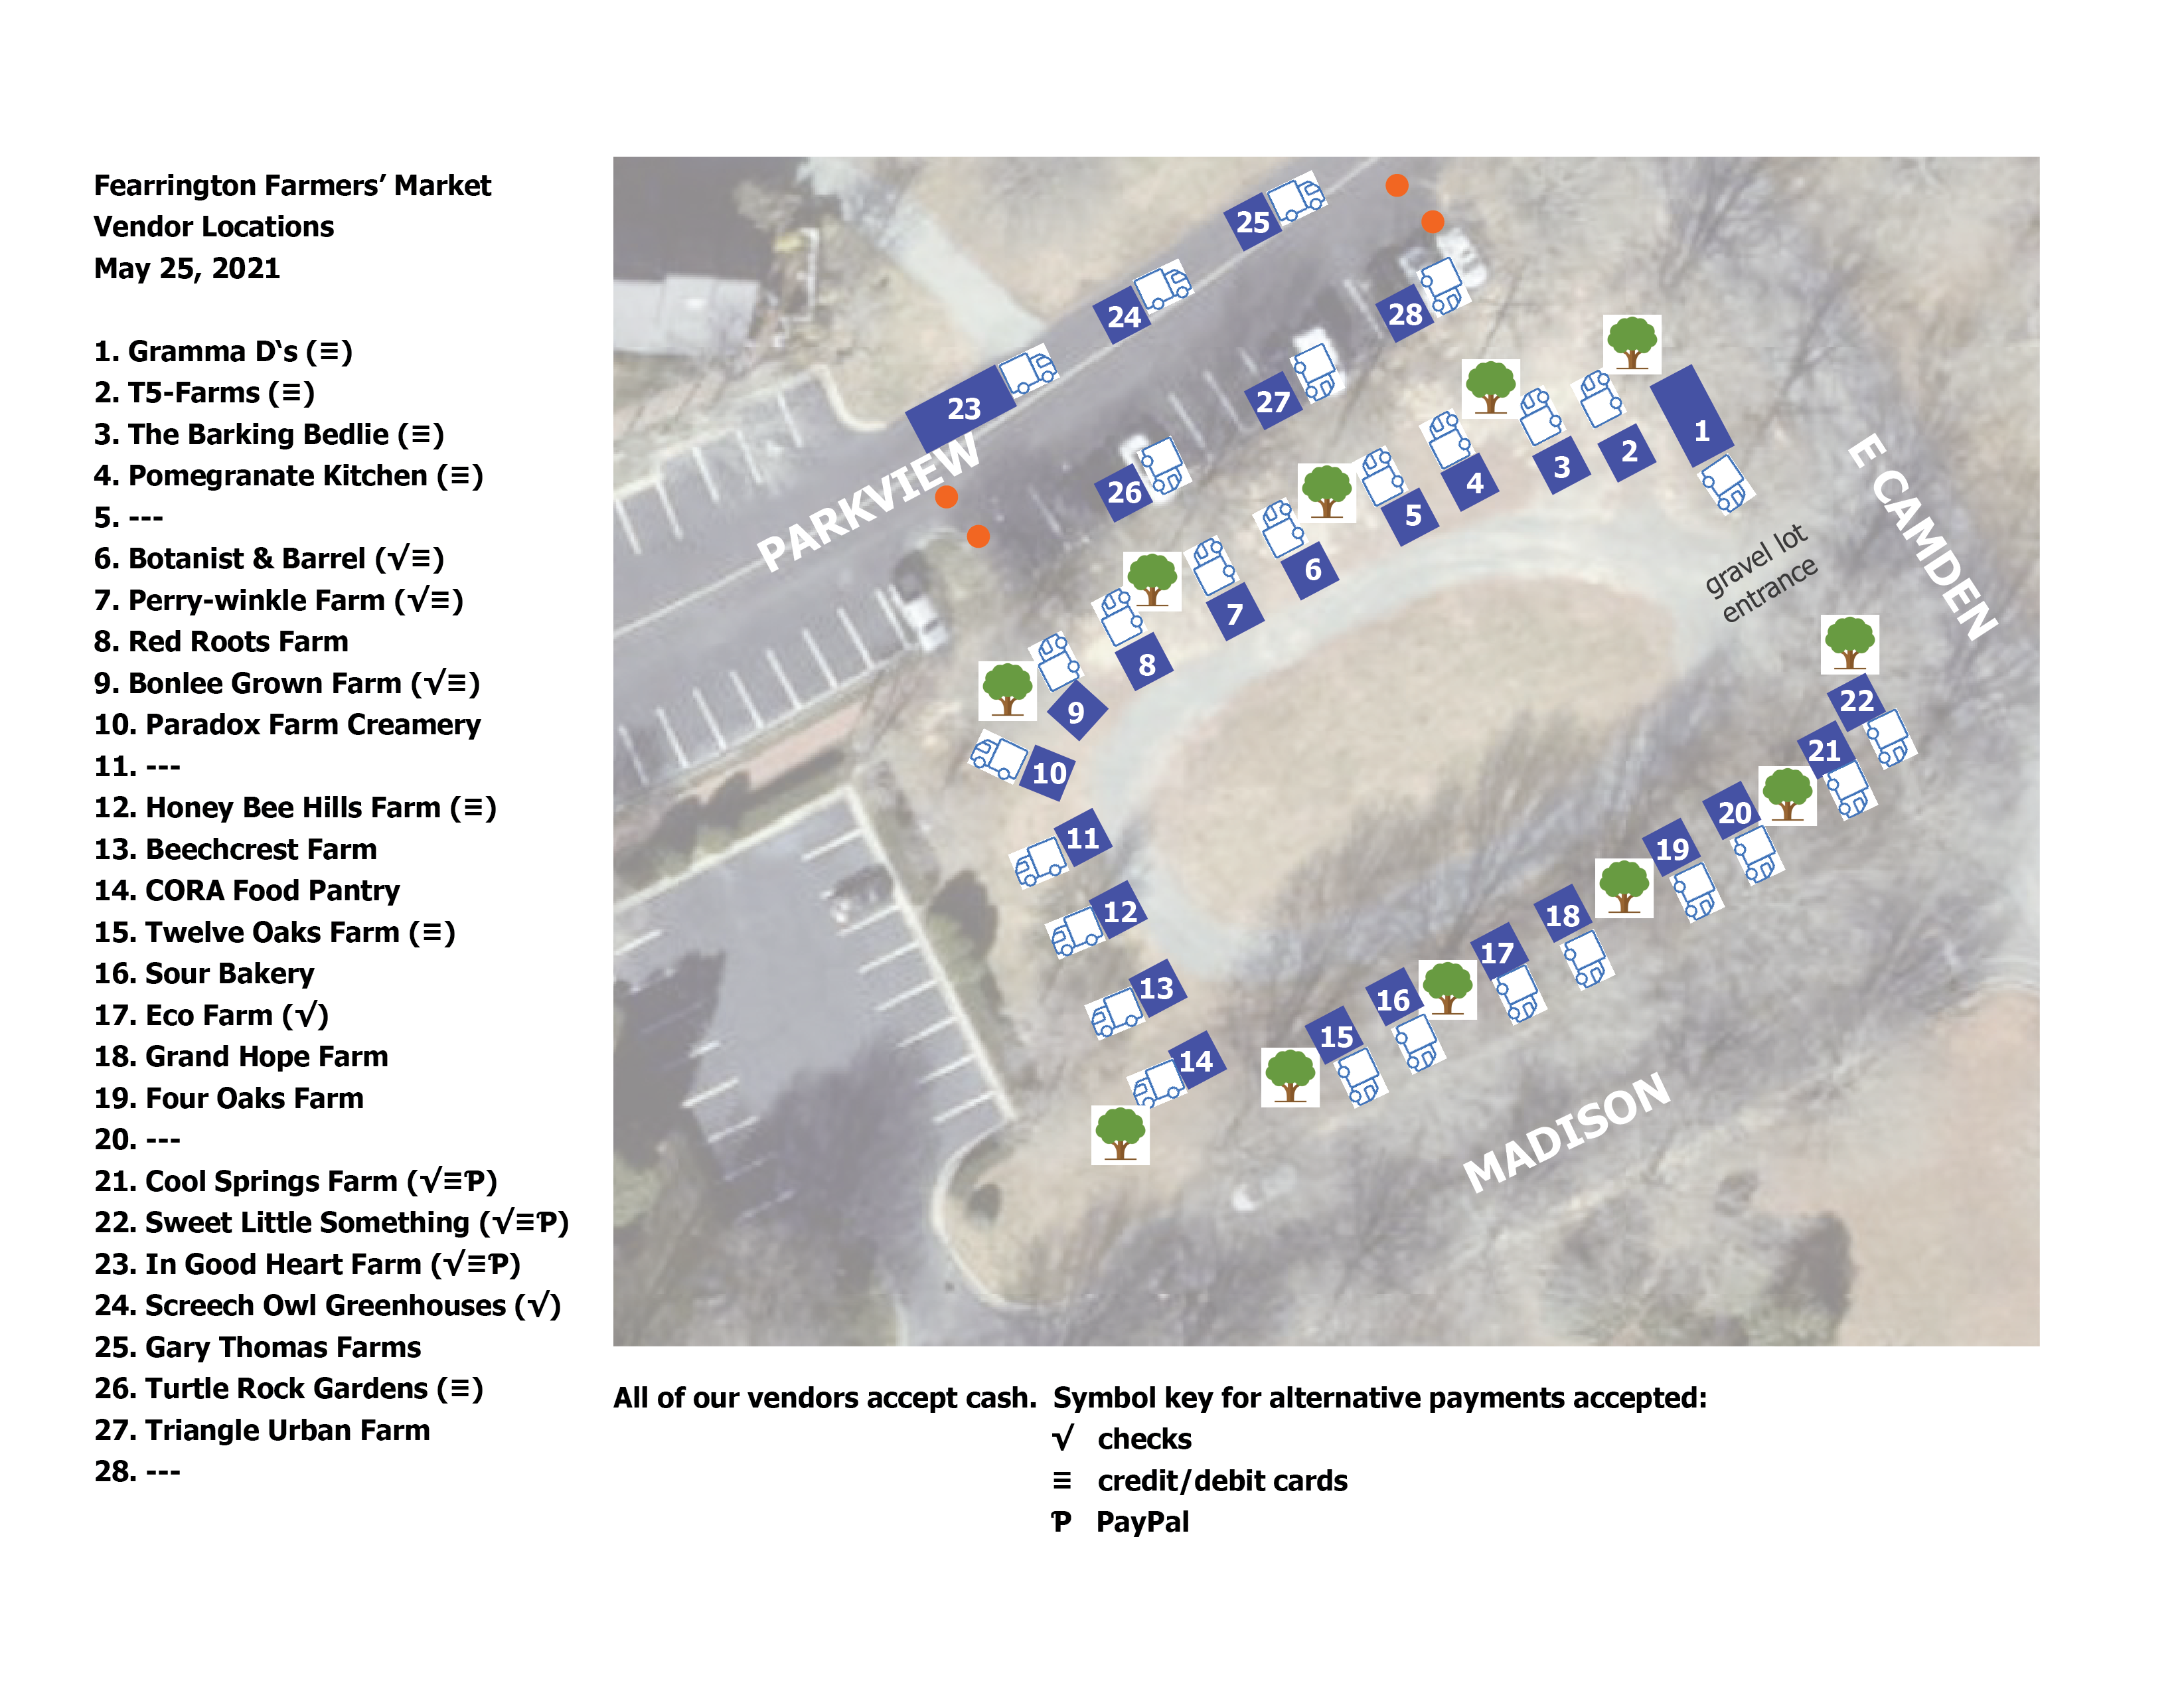 ffm vendor map 052521